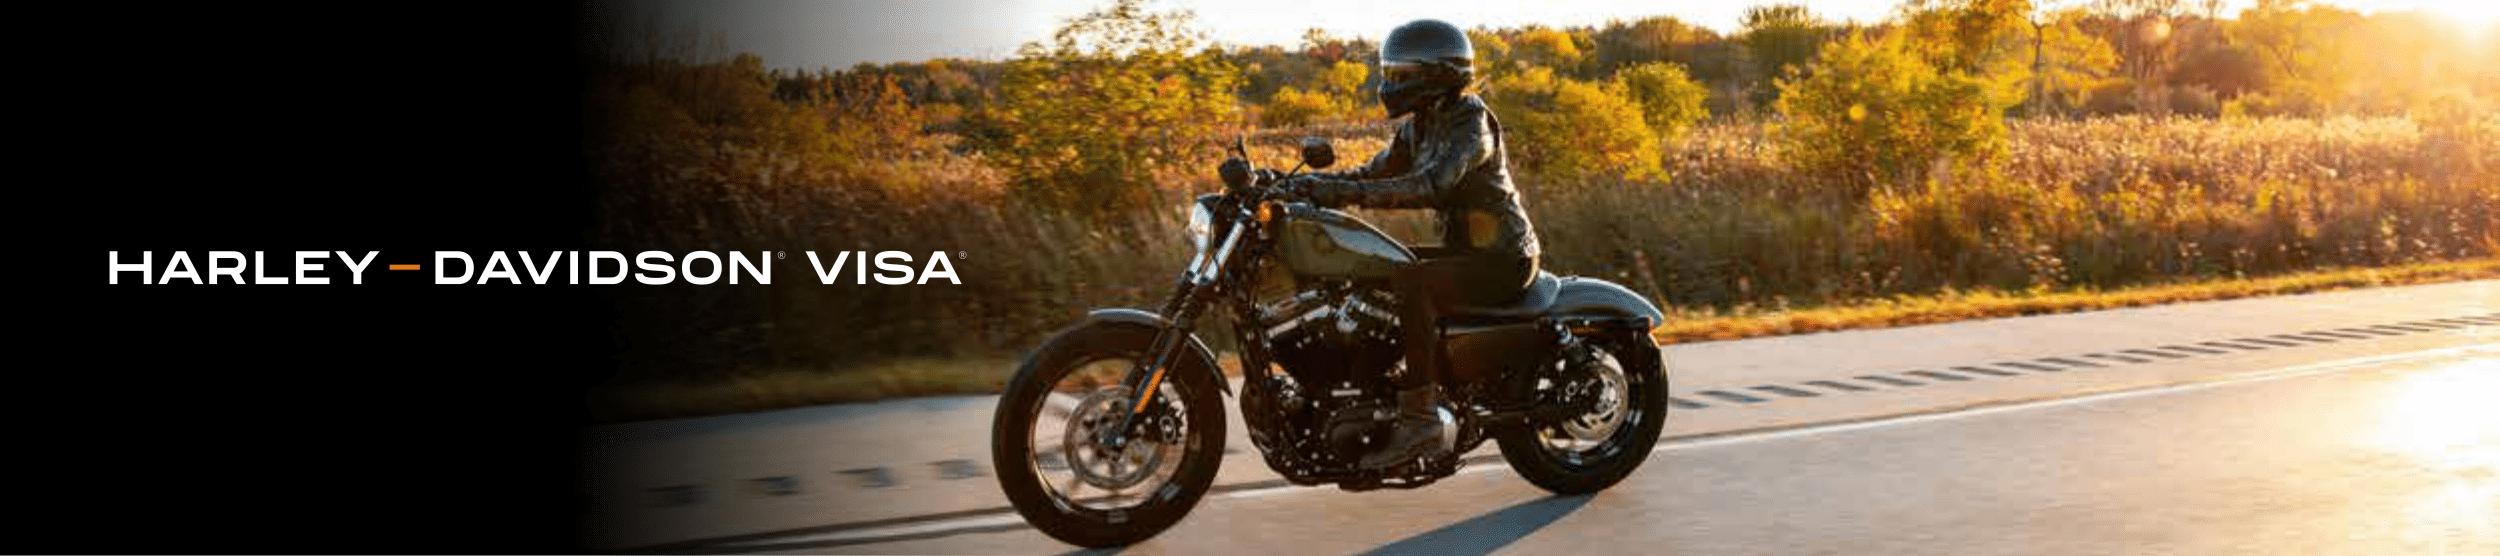 Harley Davidson Account Login